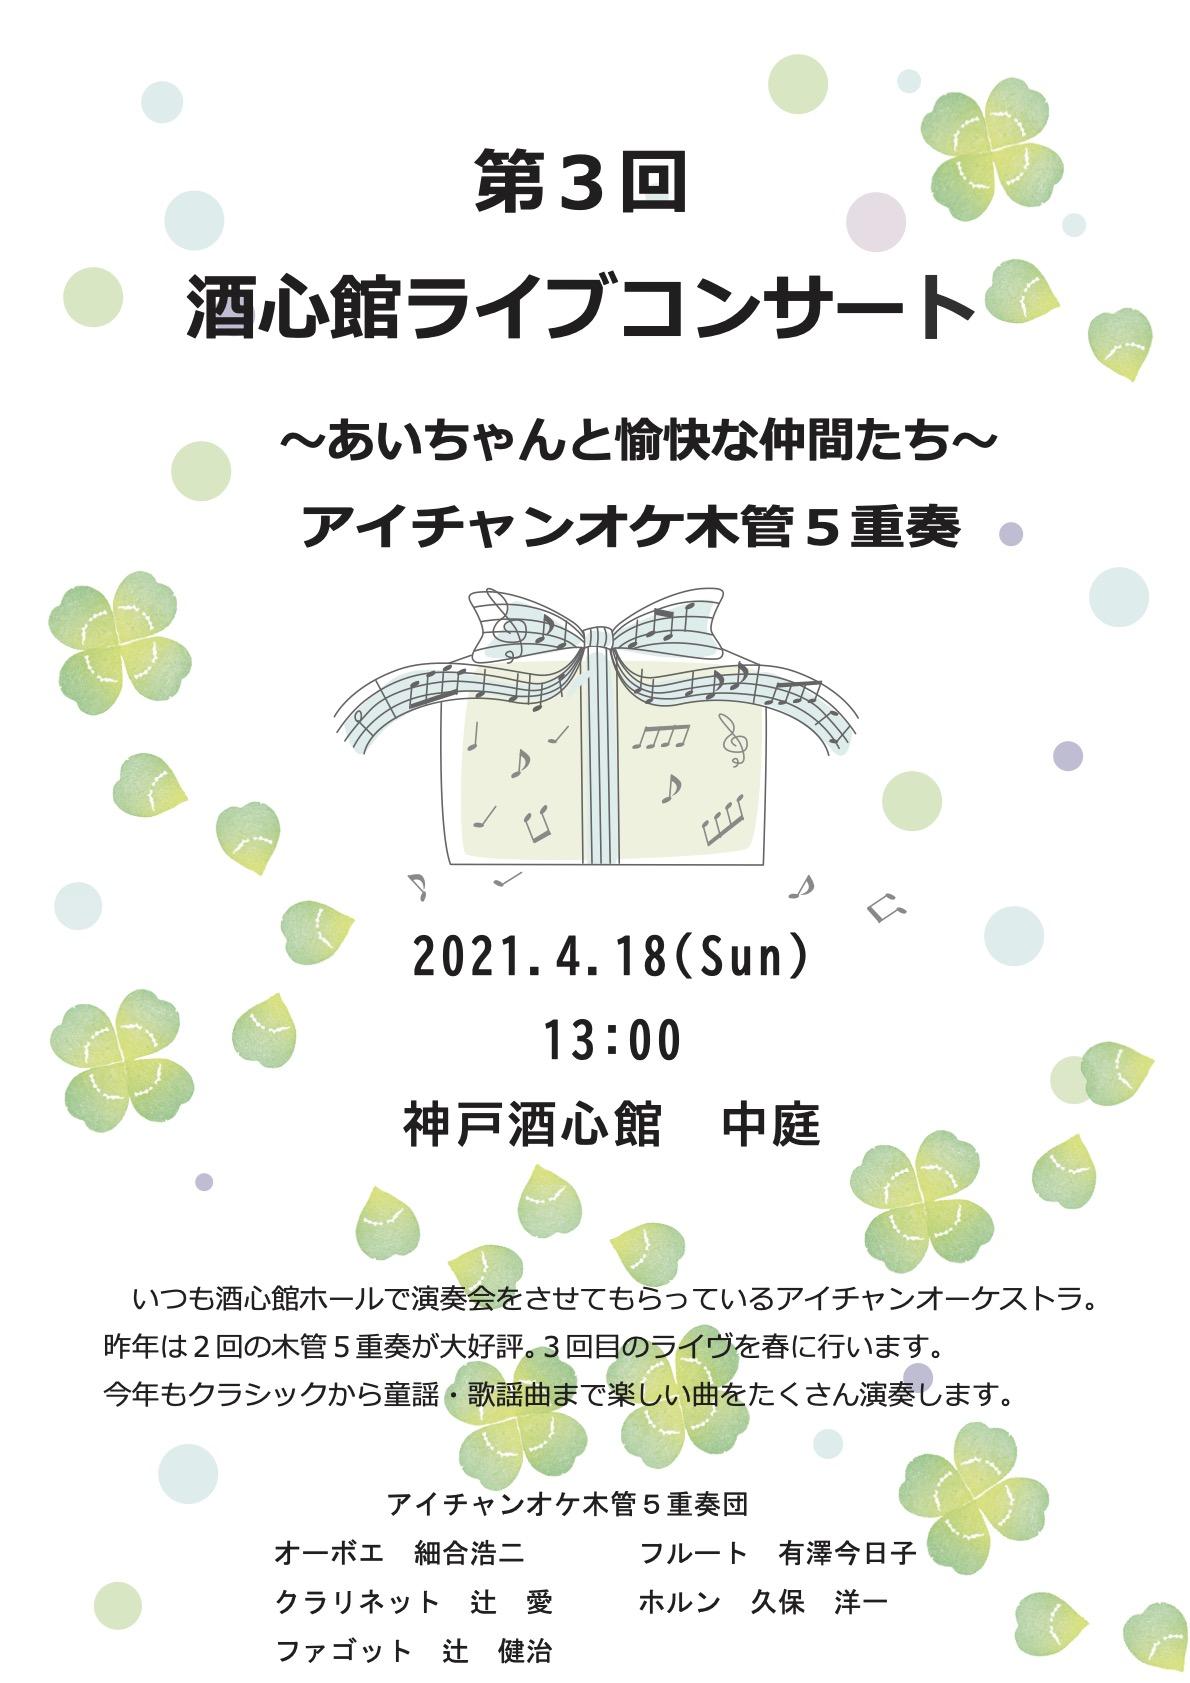 神戸酒心館週末のミニイベント|第3回アイチャンオケ木管五重奏ライブのお知らせ